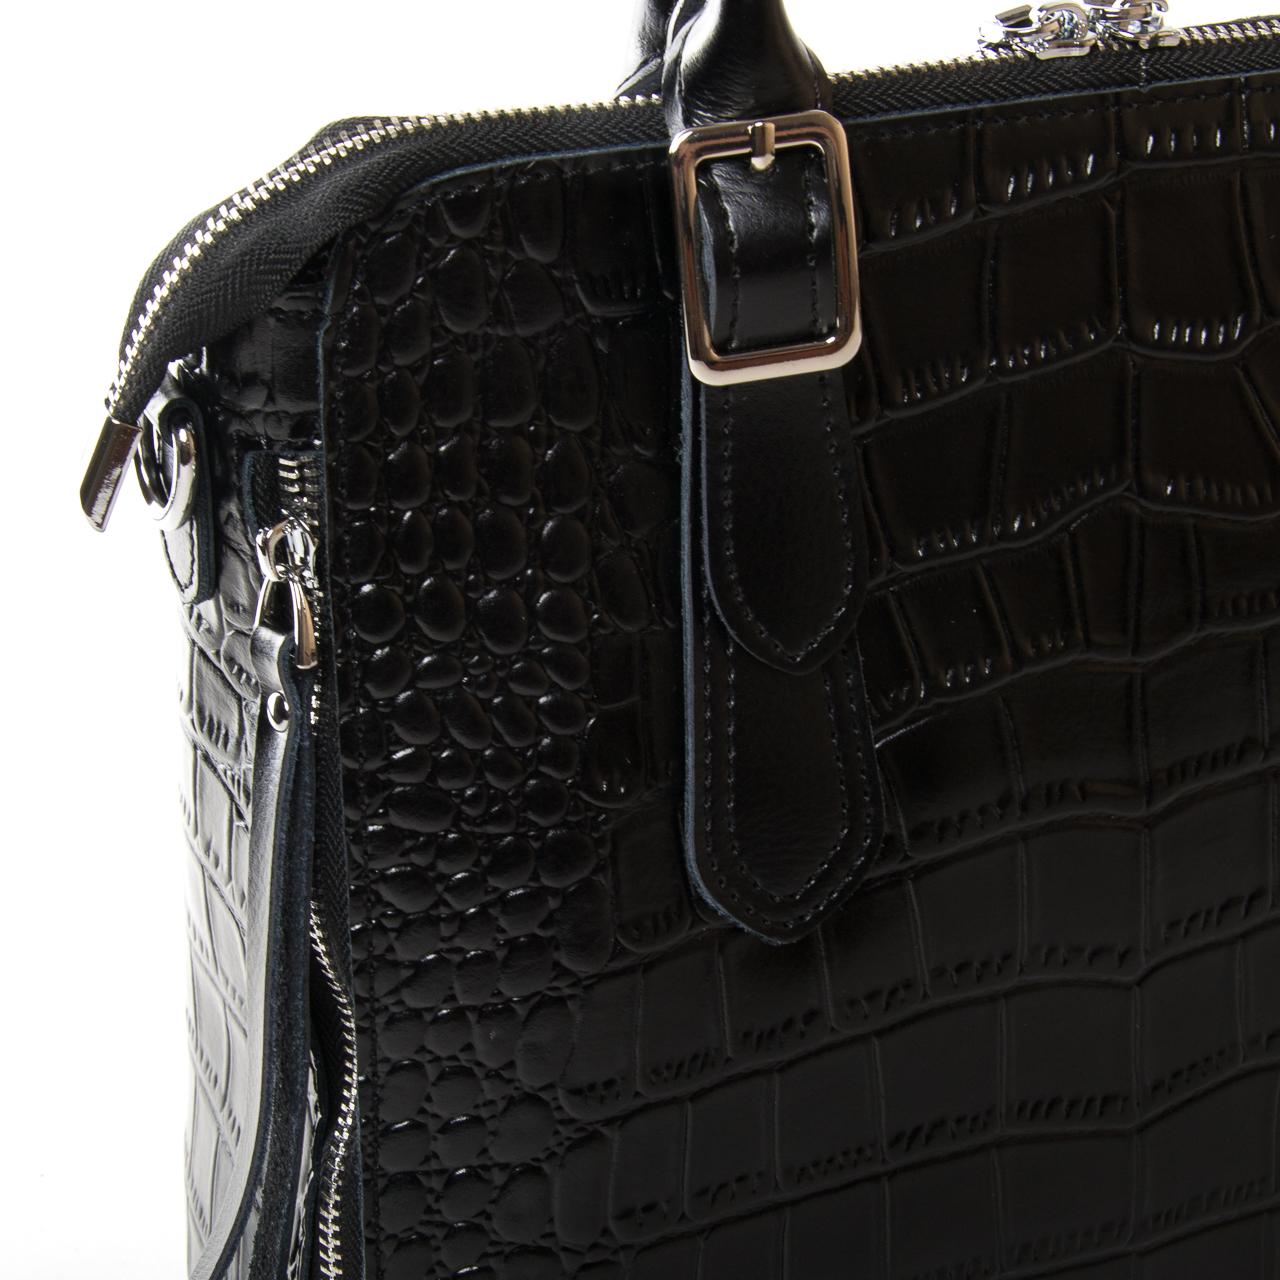 Сумка Женская Классическая кожа ALEX RAI 9-02 1543 black - фото 3